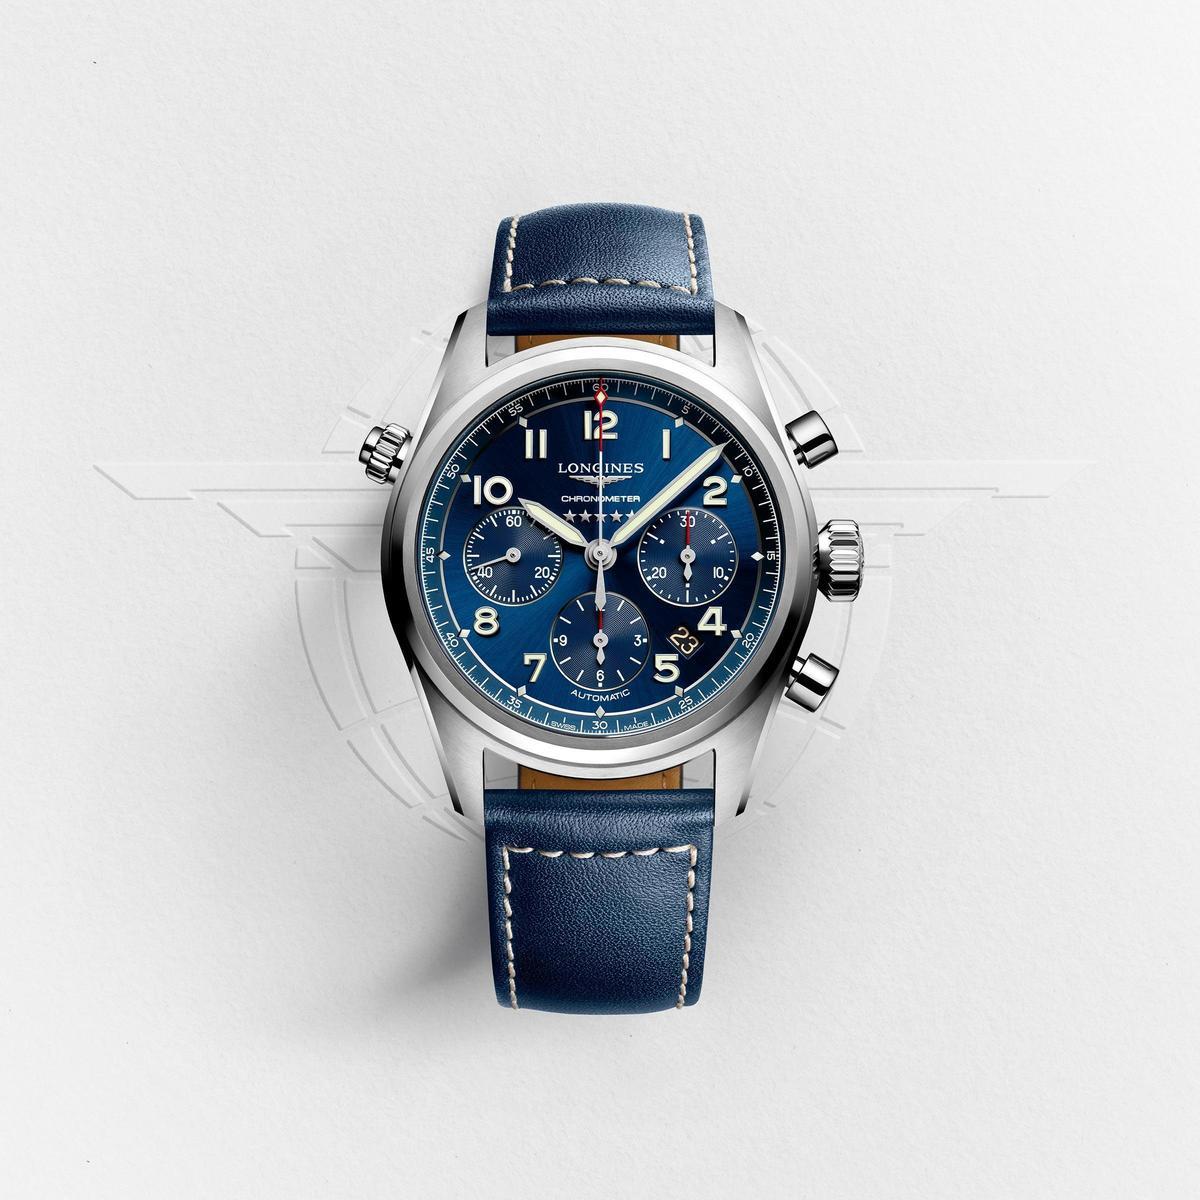 浪琴Spirit先行者系列計時碼錶,建議售價NT$100,300。